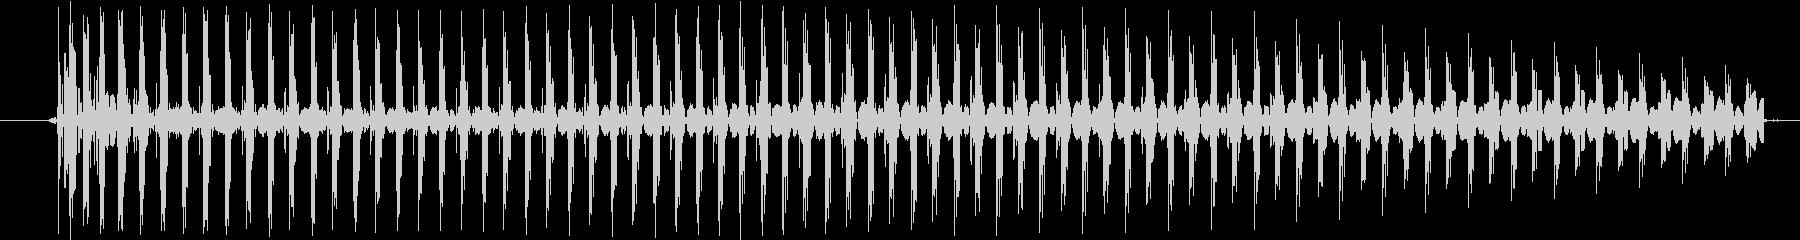 【効果音/電子音/バイーン】の未再生の波形